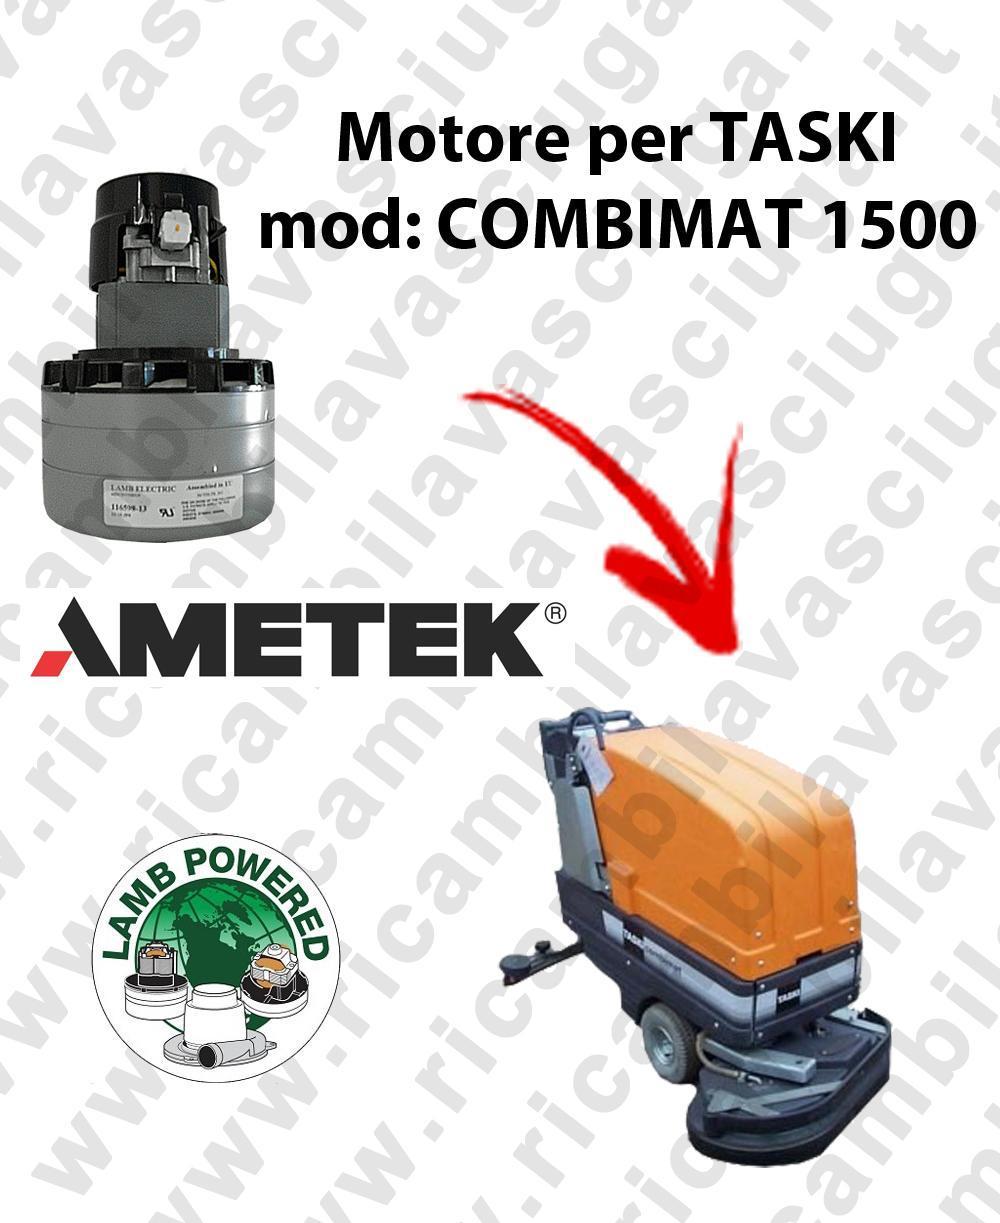 COMBIMAT 1500 MOTEUR ASPIRATION LAMB AMATEK pour autolaveuses TASKI